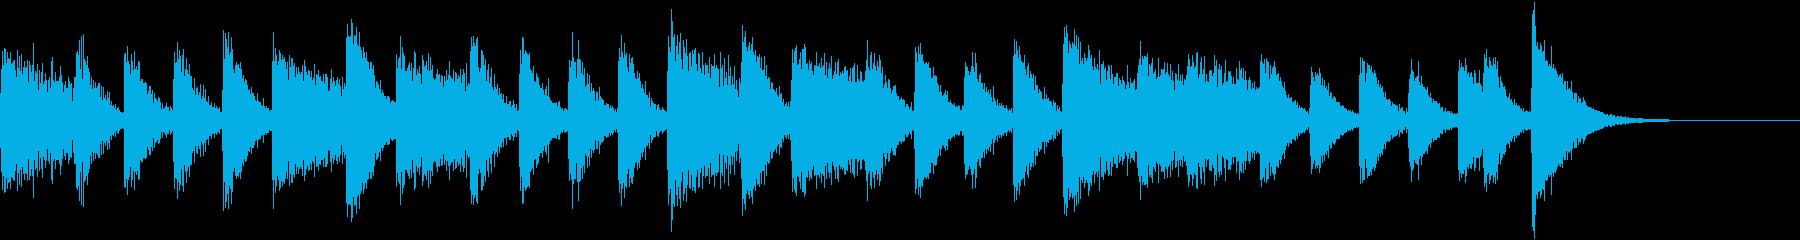 ラテンリズムが踊る真夏のピアノジングルの再生済みの波形